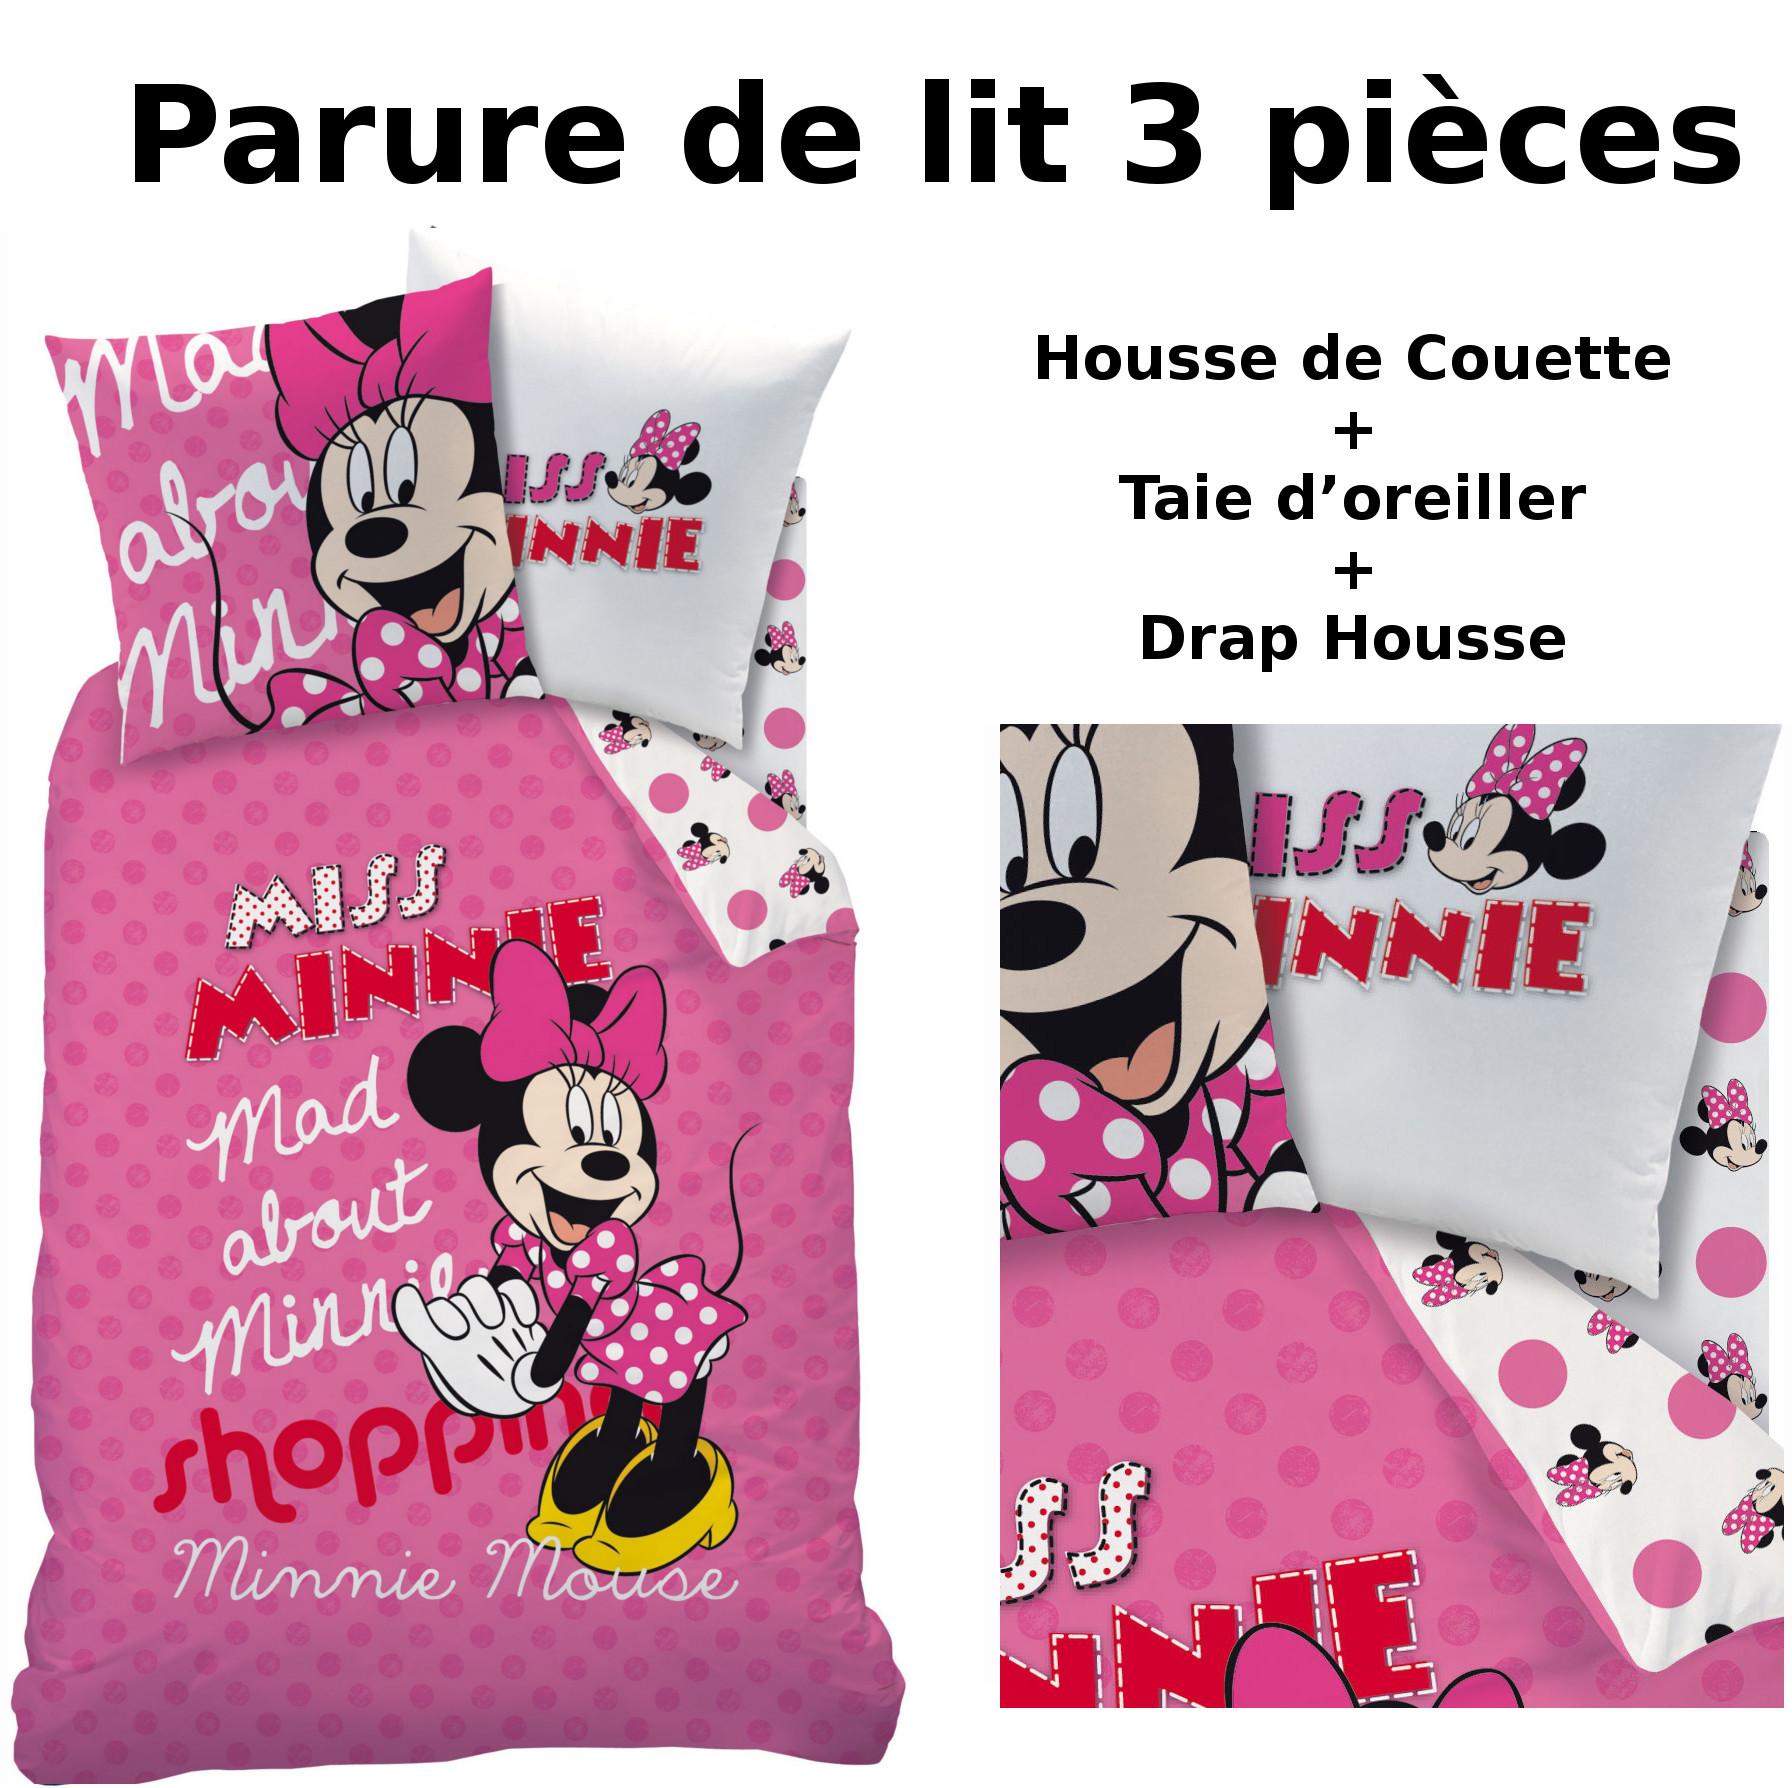 Parure Lit Minnie